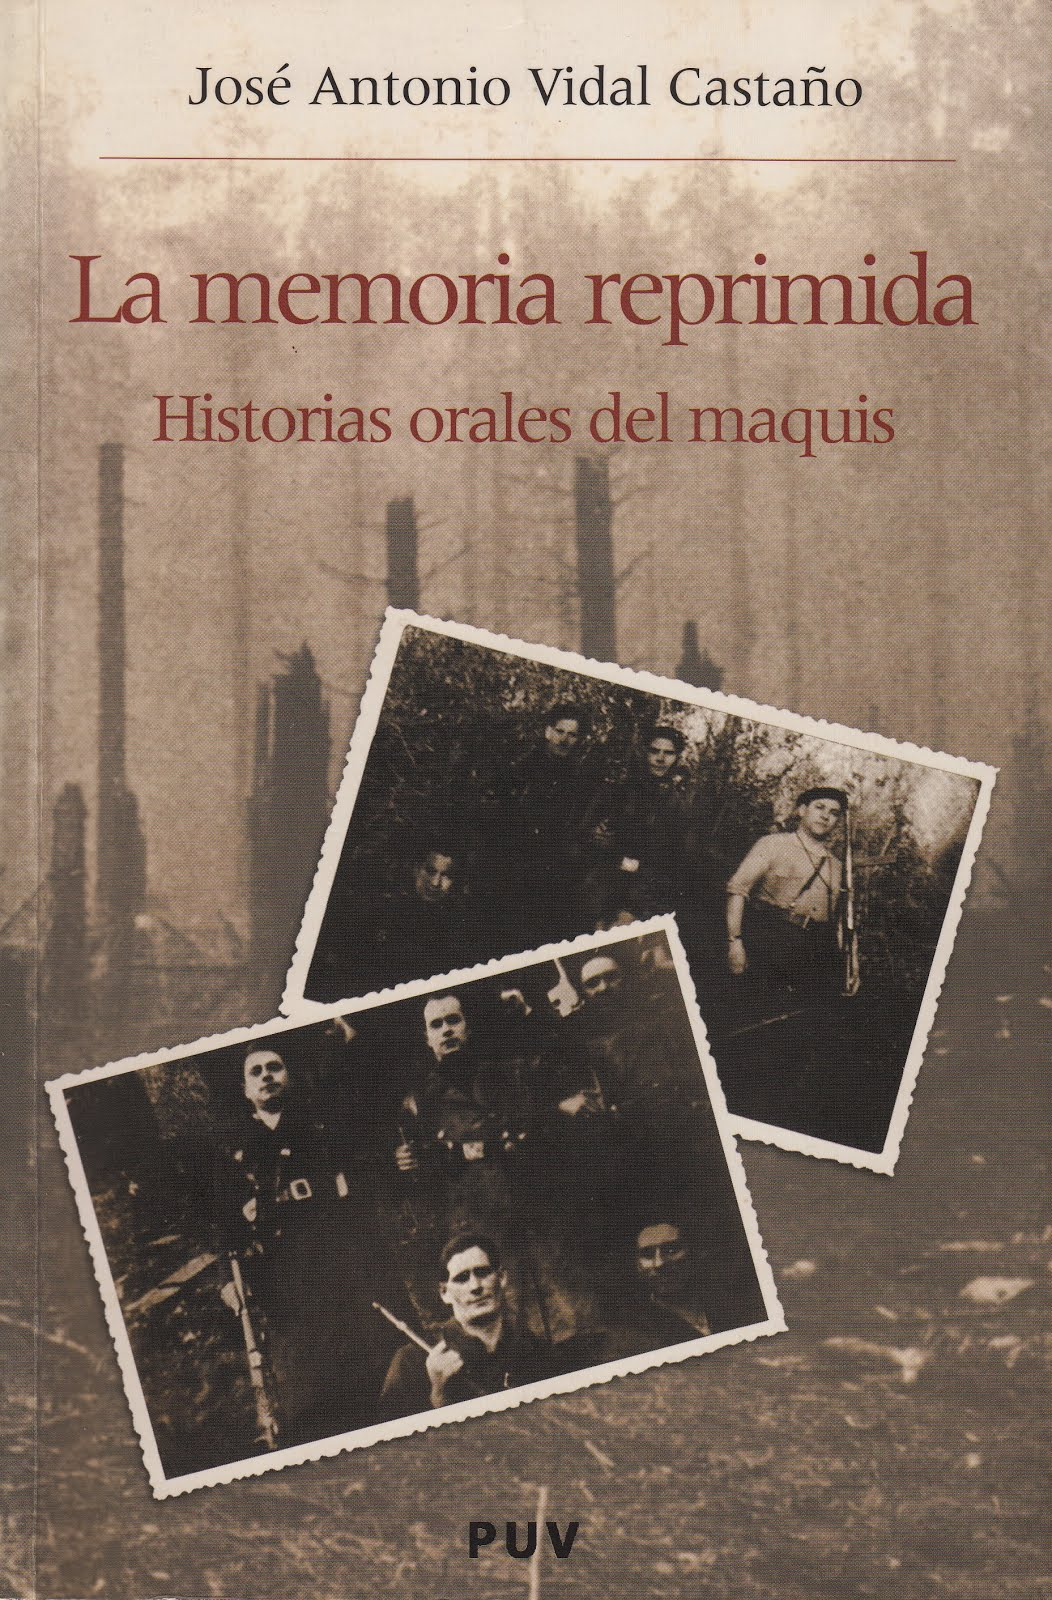 LA MEMORIA REPRIMIDA. HISTORIAS ORALES DEL MAQUIS.